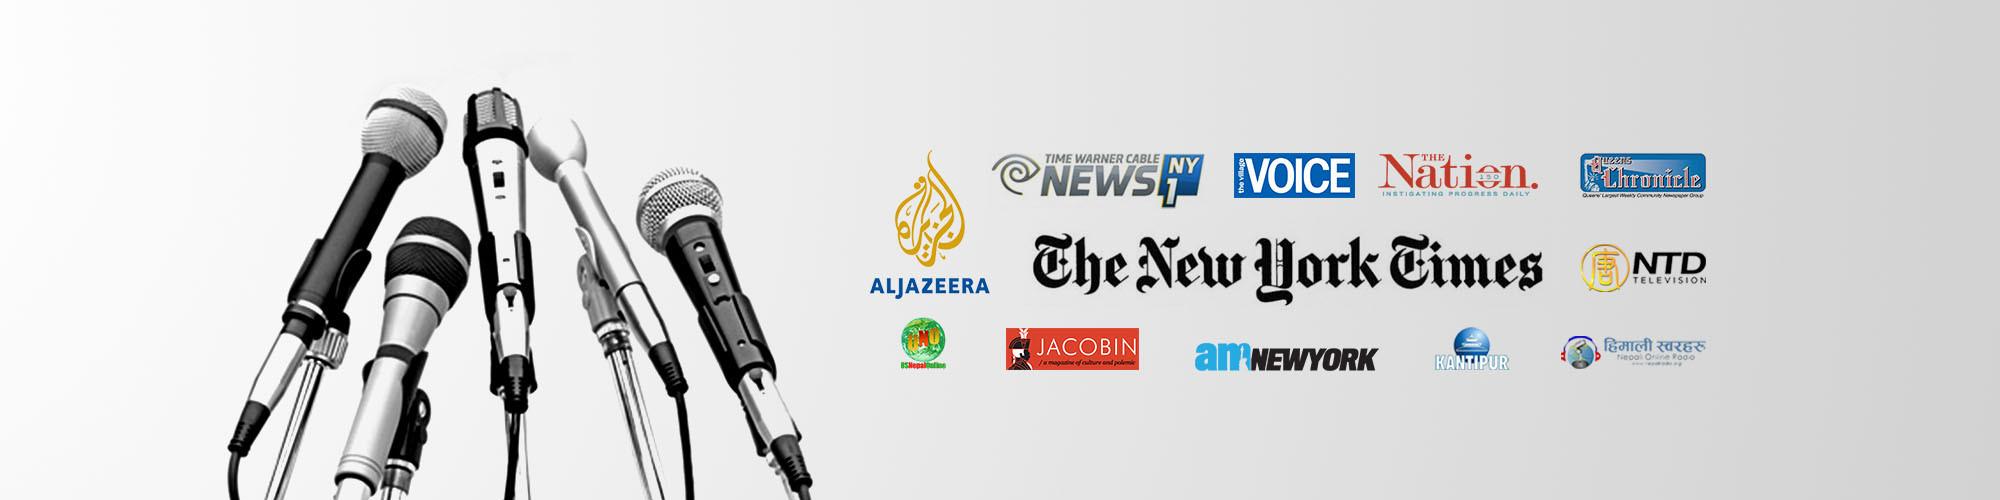 news-re1